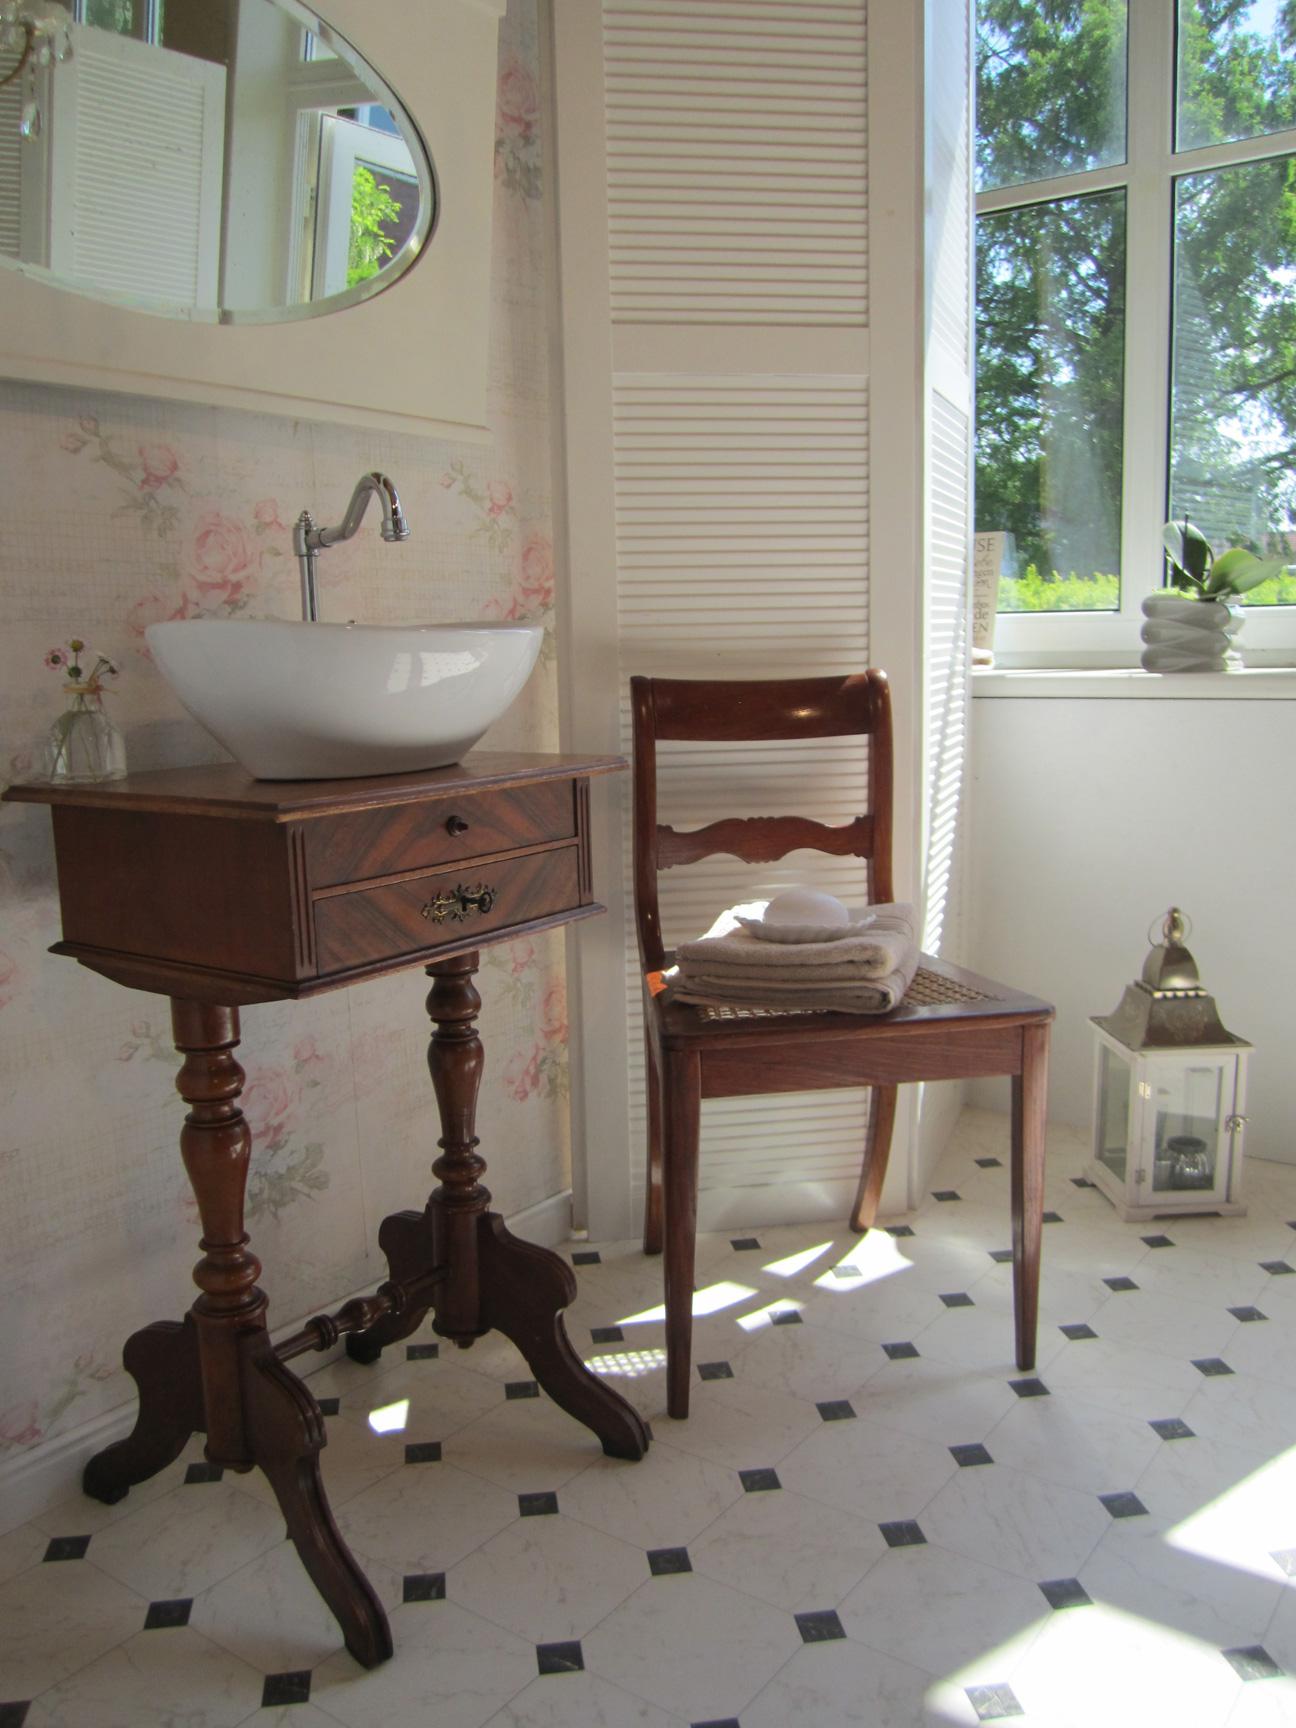 Antike Waschtische antiker waschtisch im bad mit nostalgie wasserheimat